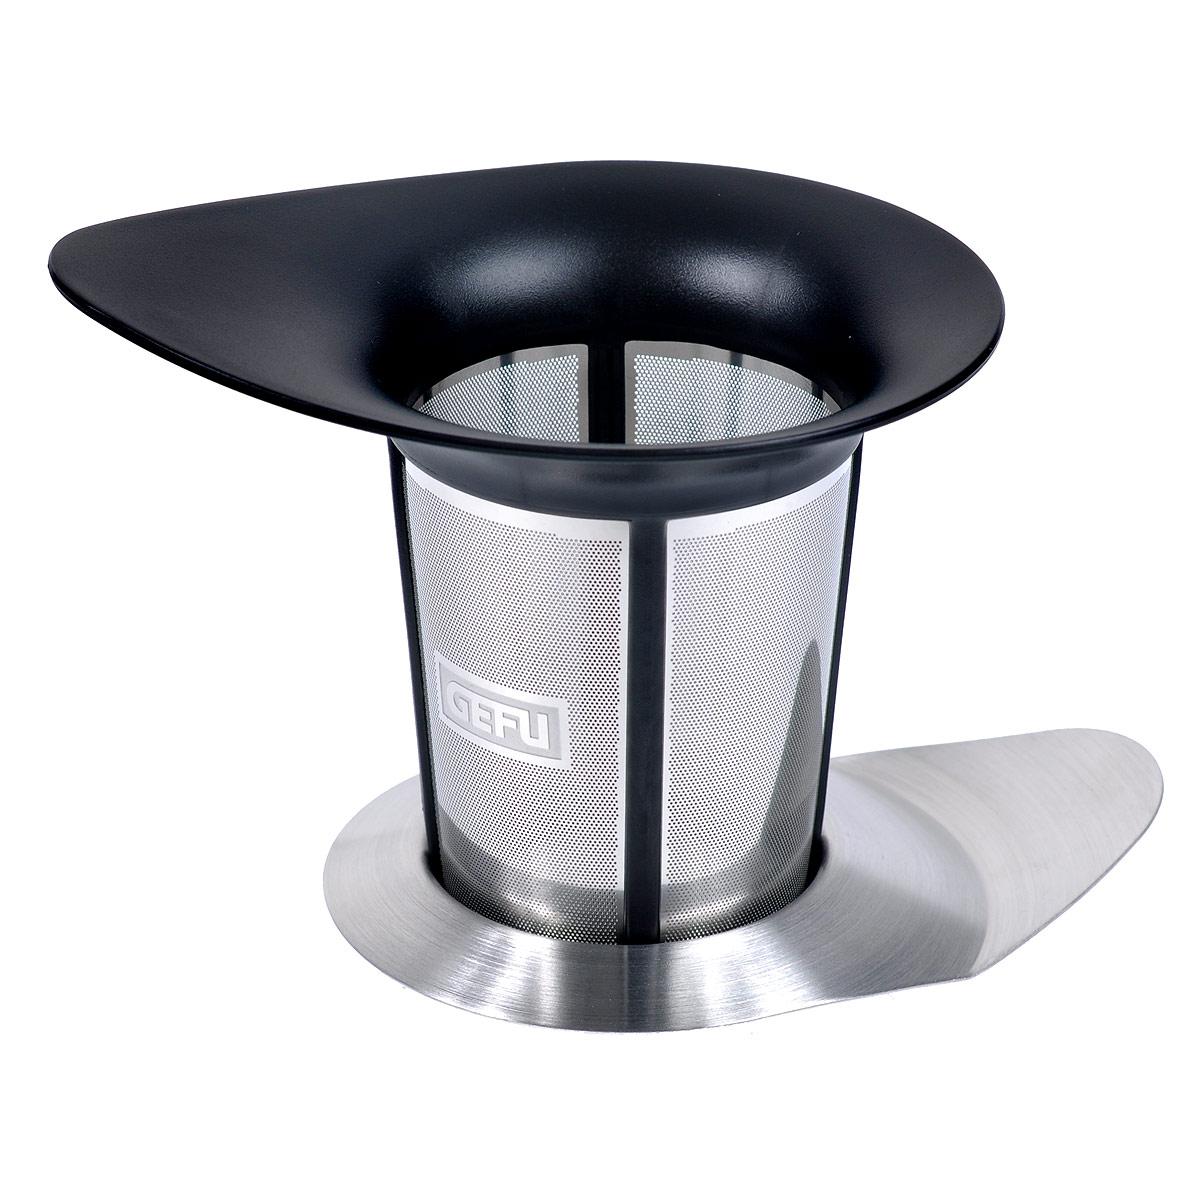 Сито для заваривания чая Gefu Армониа12900Сито Gefu Армониа, выполненное из высококачественного пластика черного цвета и нержавеющей стали прекрасно подойдет для заваривания чая прям в чашке. Насладитесь неповторимой чайной церемонией, используя фильтр Армониа, который можно поместить в чашку или в чайник. Несмотря на большой объем, Армониа обеспечивает насыщенный аромат и прекрасный вкус, так как имеет особую структуру микрофильтрации. Любители чая непременно оценят изящную и функциональную крышку из нержавеющей стали, которая сохранит аромат, а так же пригодится как подставка, на которую можно поместить фильтр после использования. Можно мыть в посудомоечной машине. Характеристики: Материал: высококачественный пластик, нержавеющая сталь. Размер сито: 12 см х9 см х 9,3 см. Размер крышки: 11,5 см х 8 см х 1 см. Цвет: серебристый, черный. Артикул: 12900.